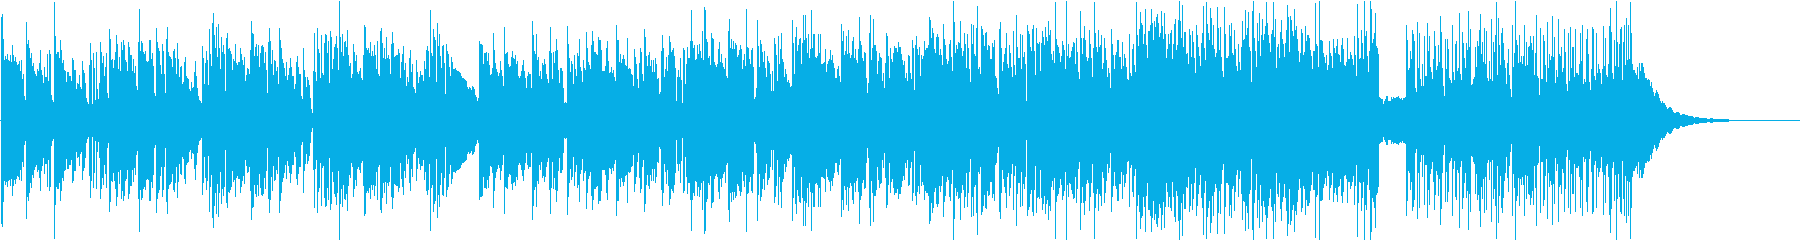 ゆったりと落ち着いたエレクトロファンクの再生済みの波形